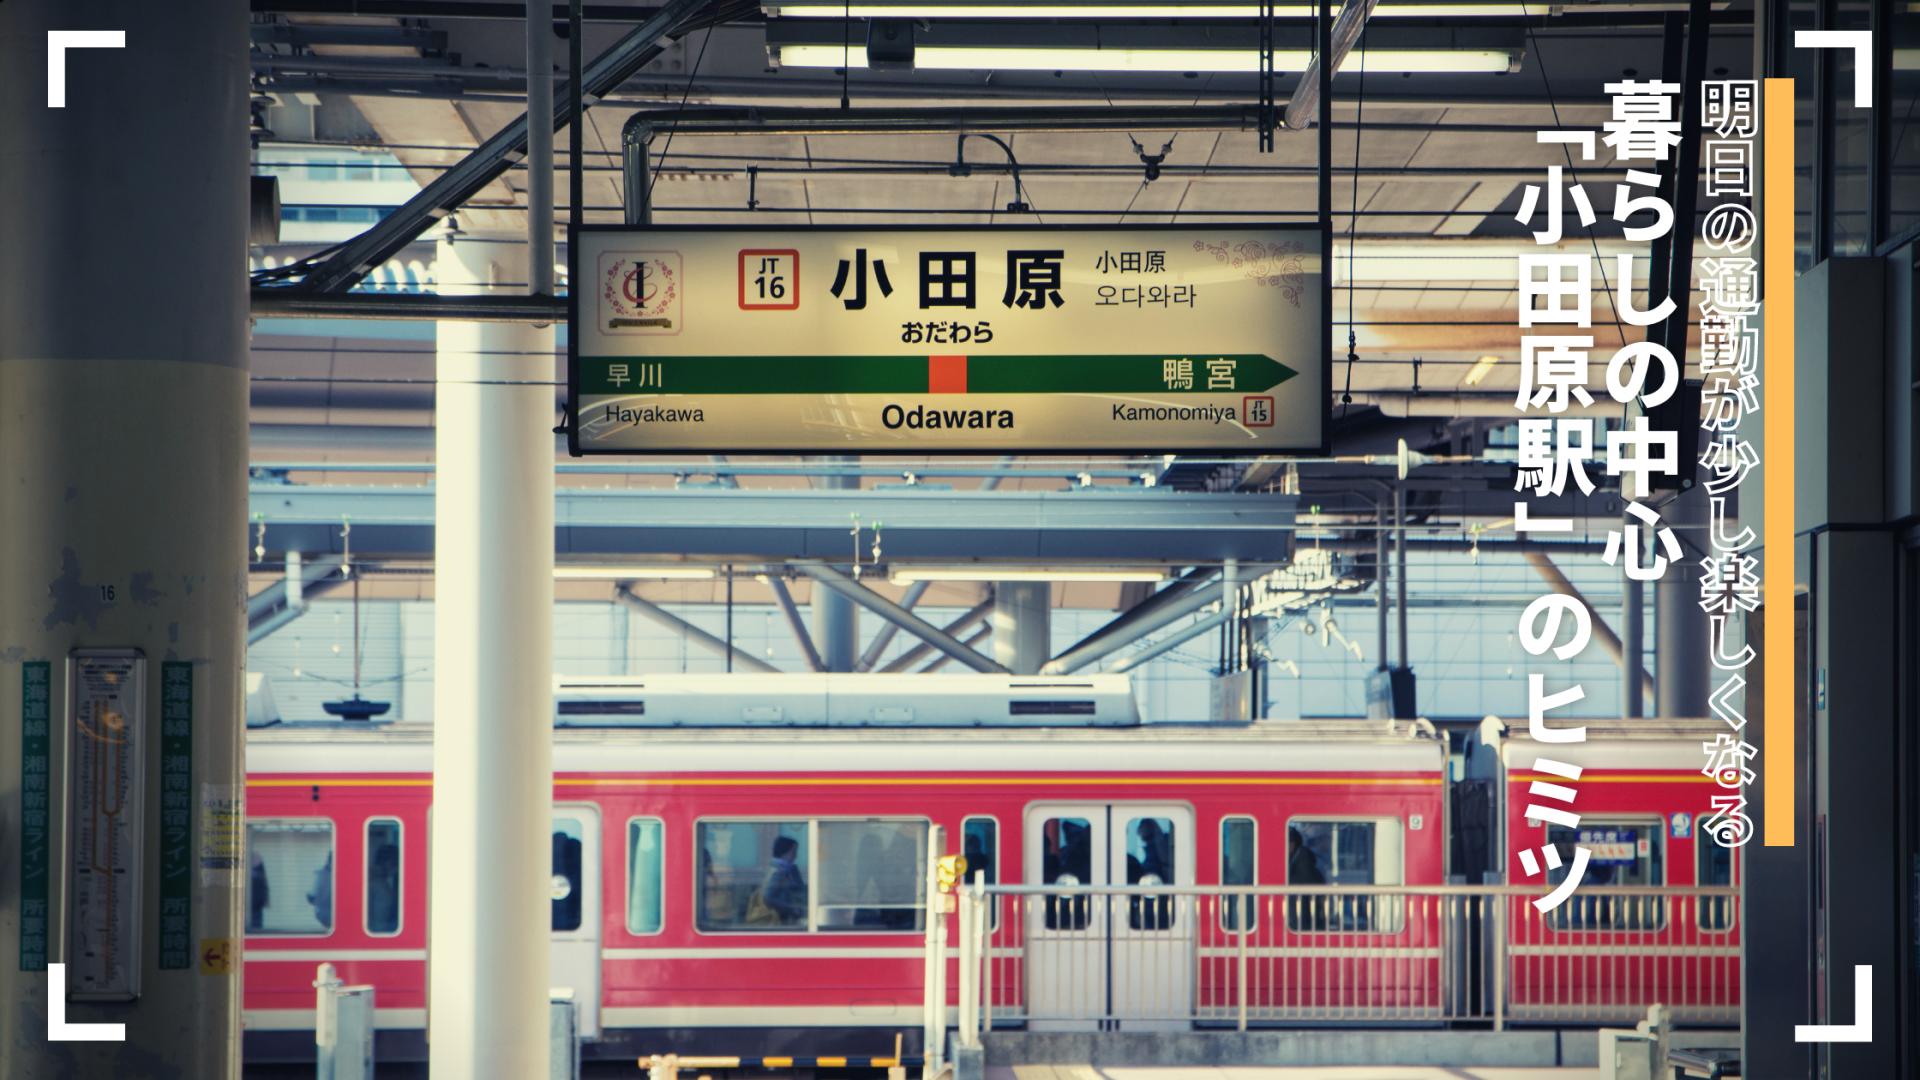 小田原駅のヒミツ